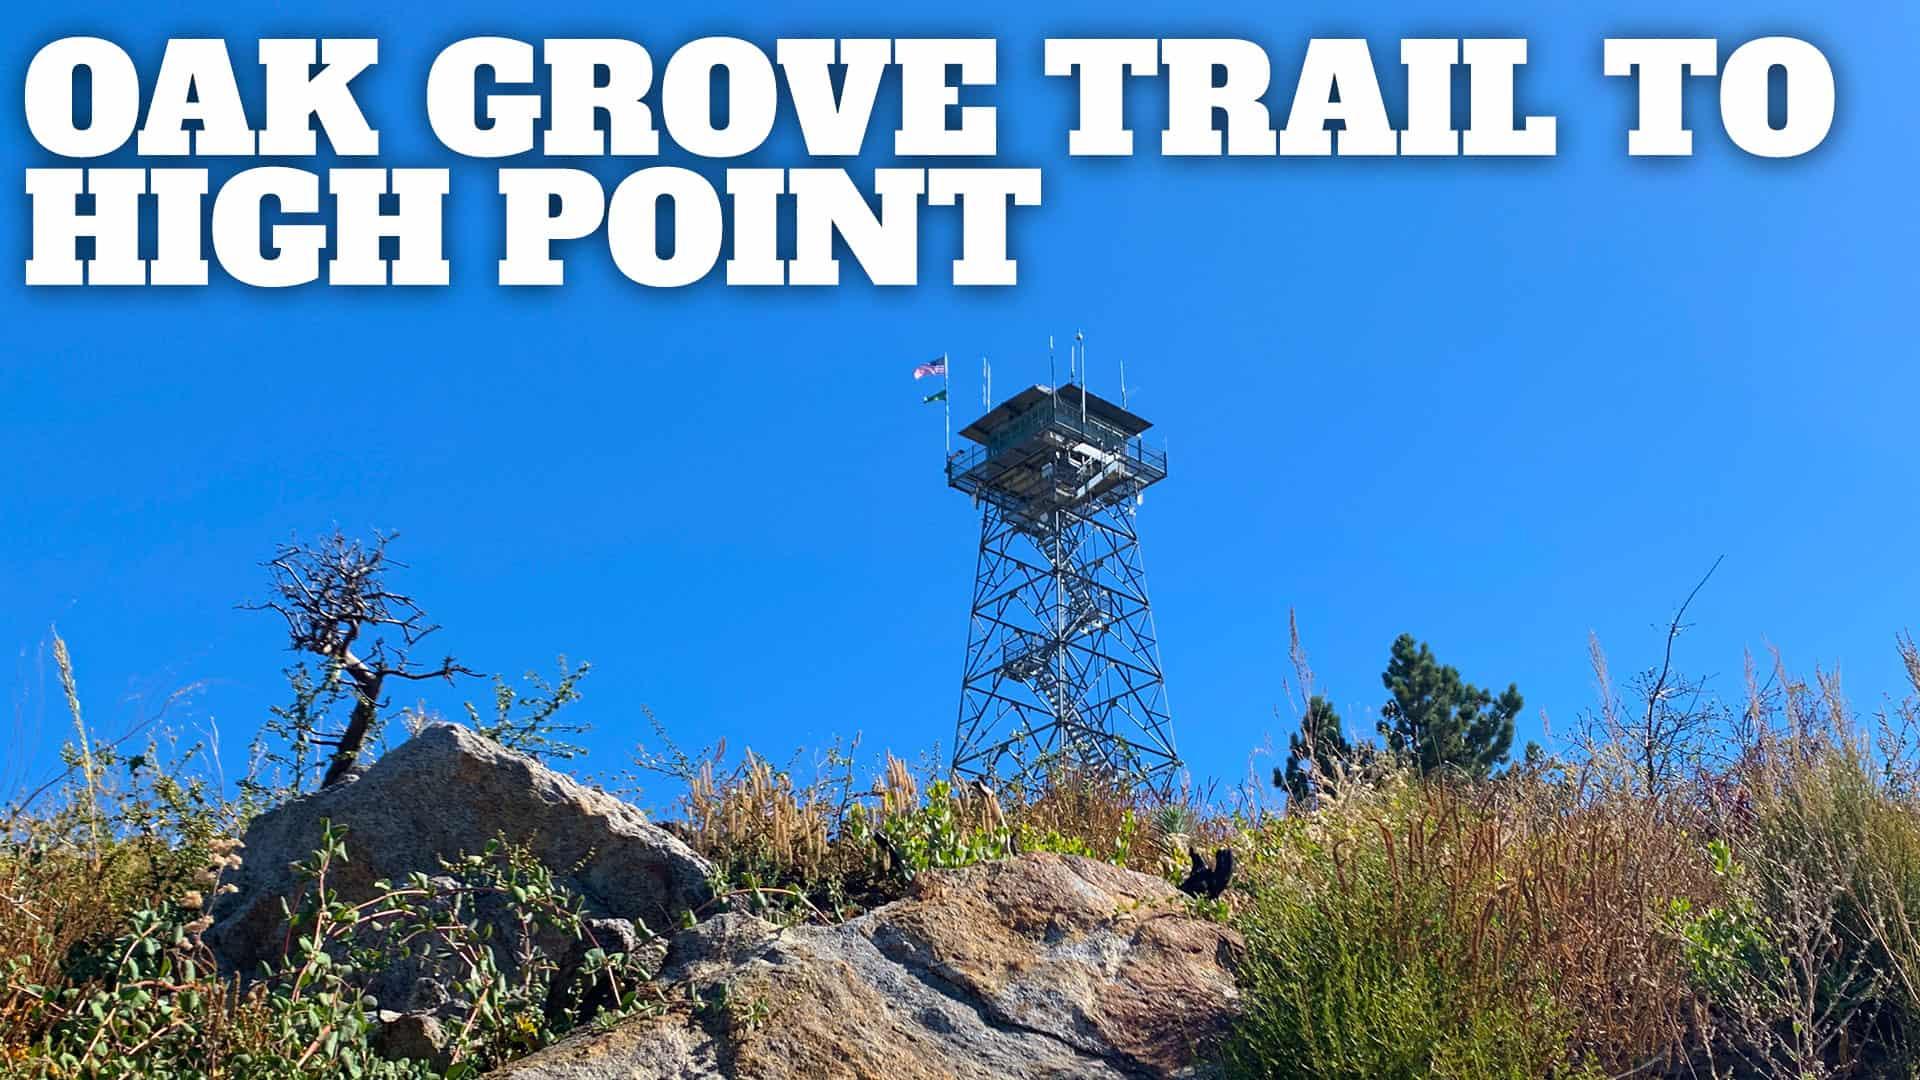 Oak Grove Trail to High Point Hike